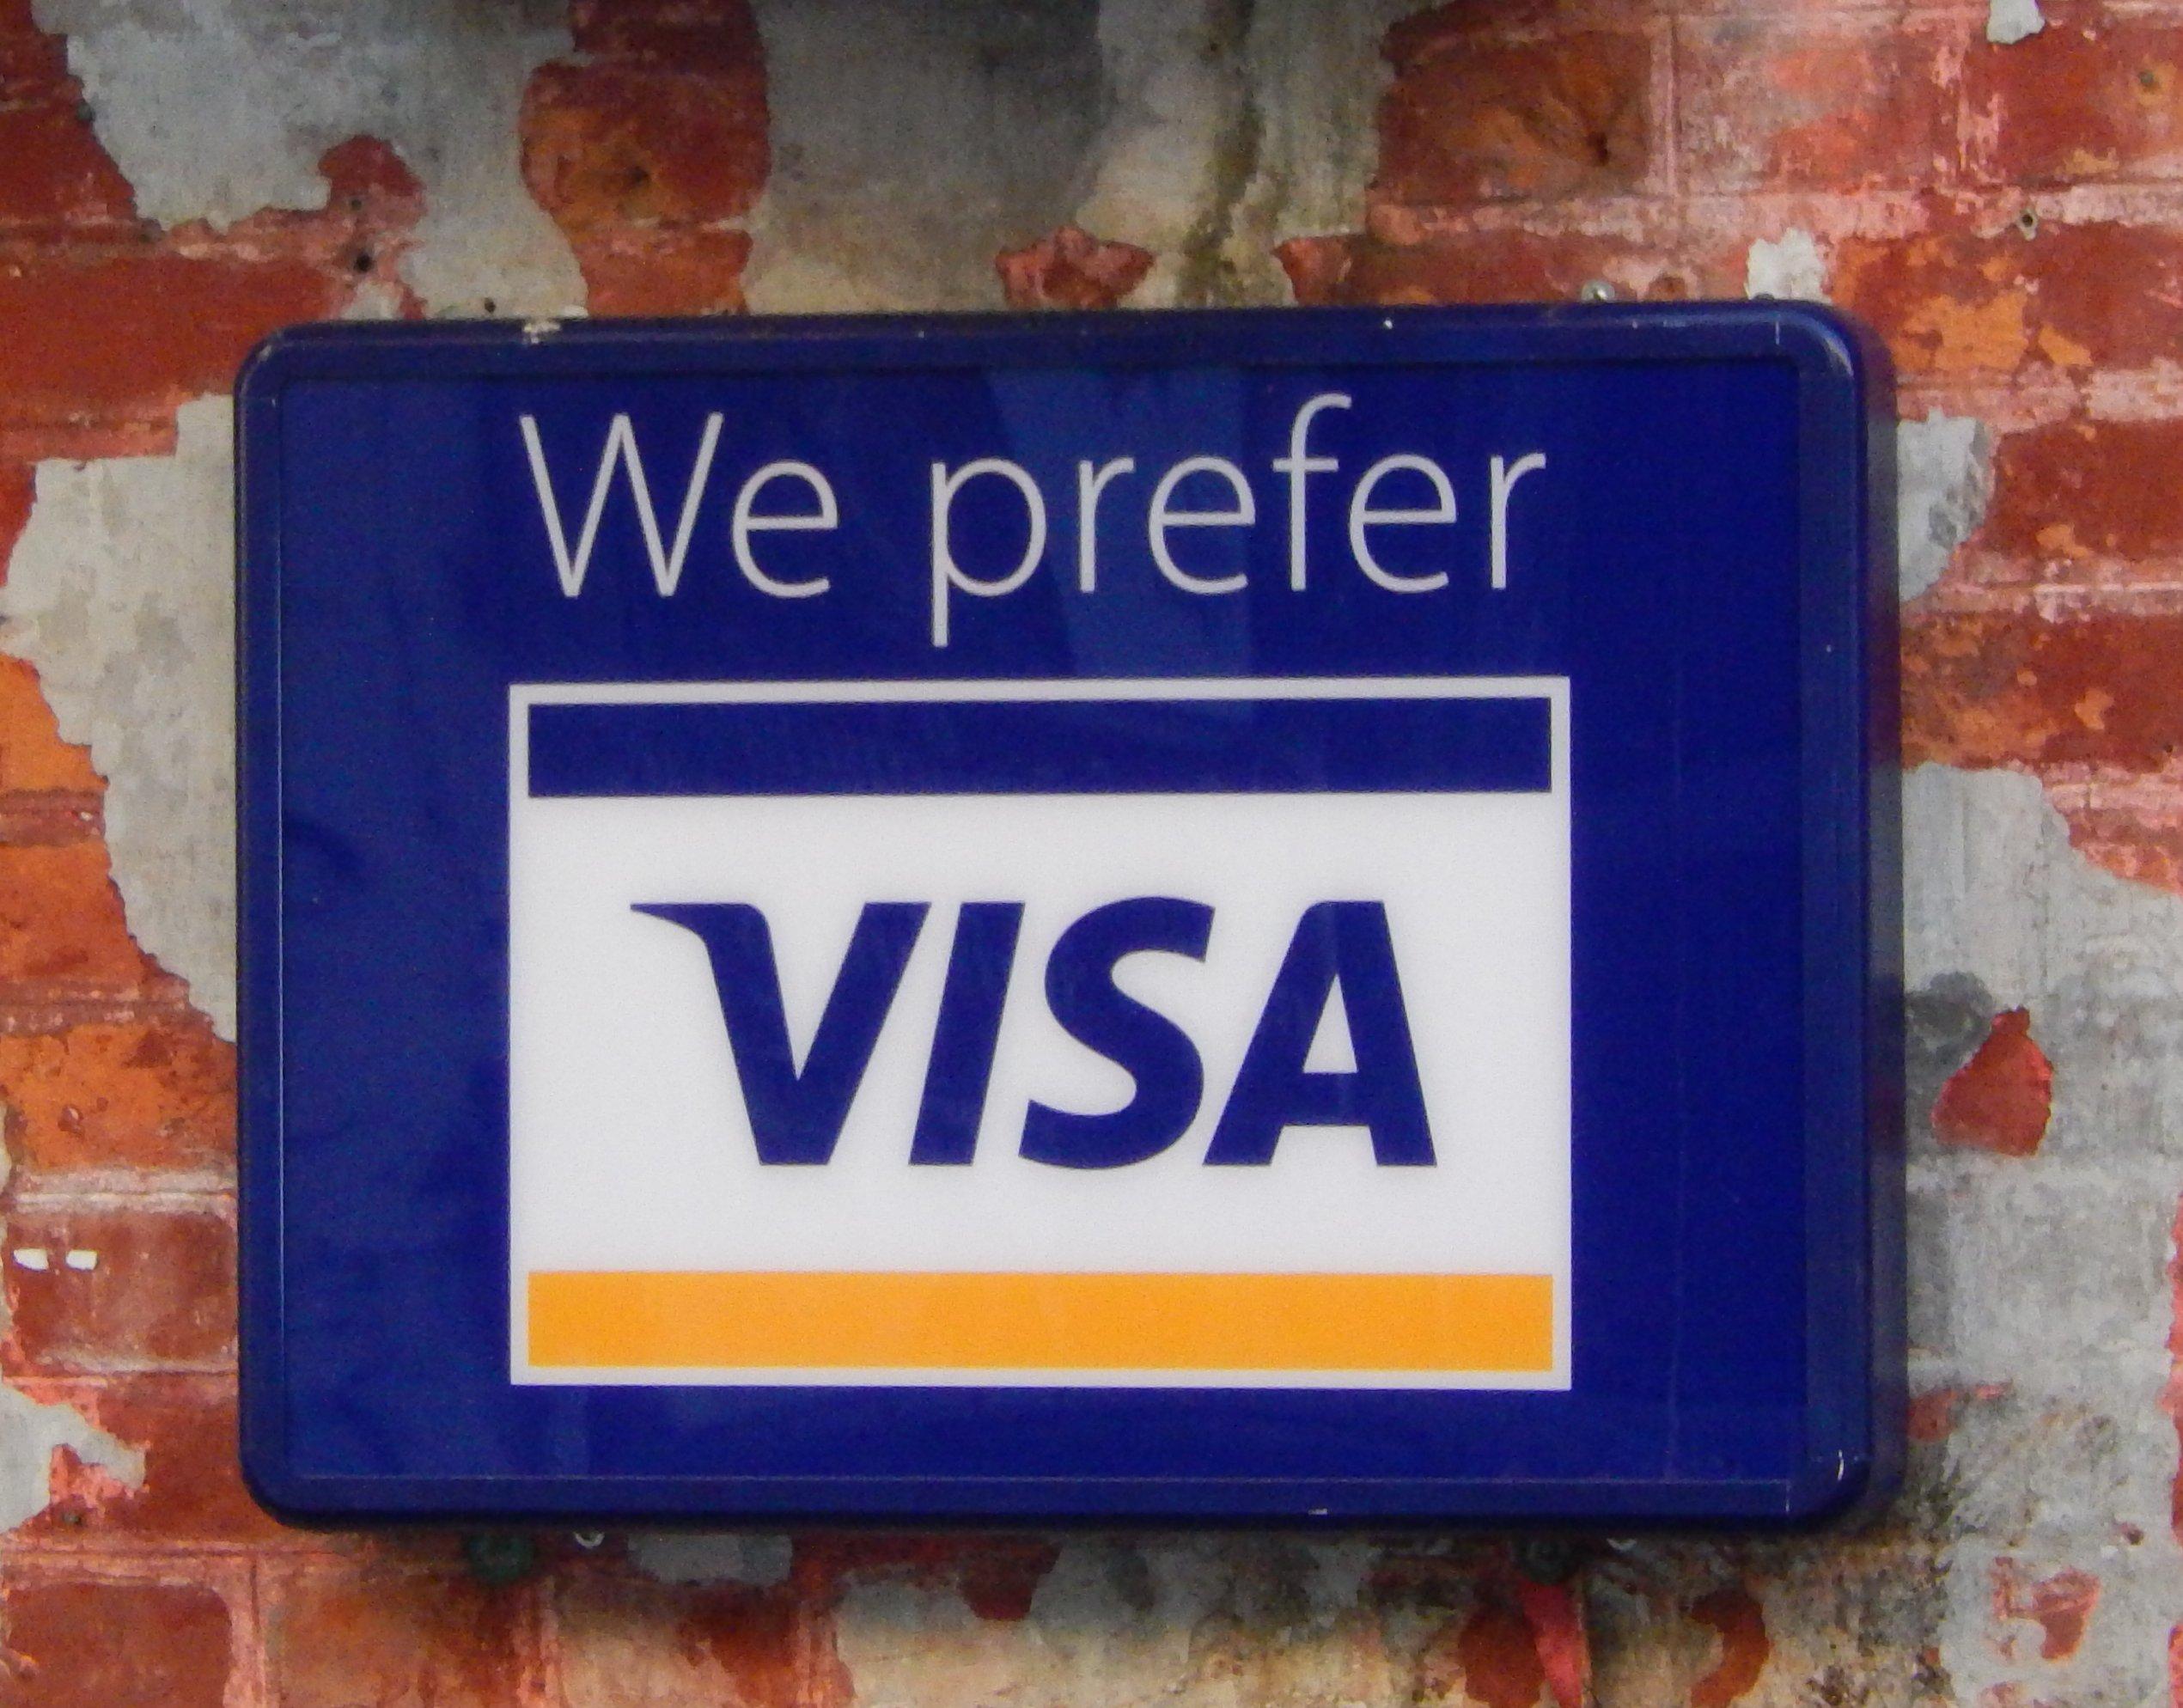 leil.de/di/pics/visa_card_myanmar.jpg